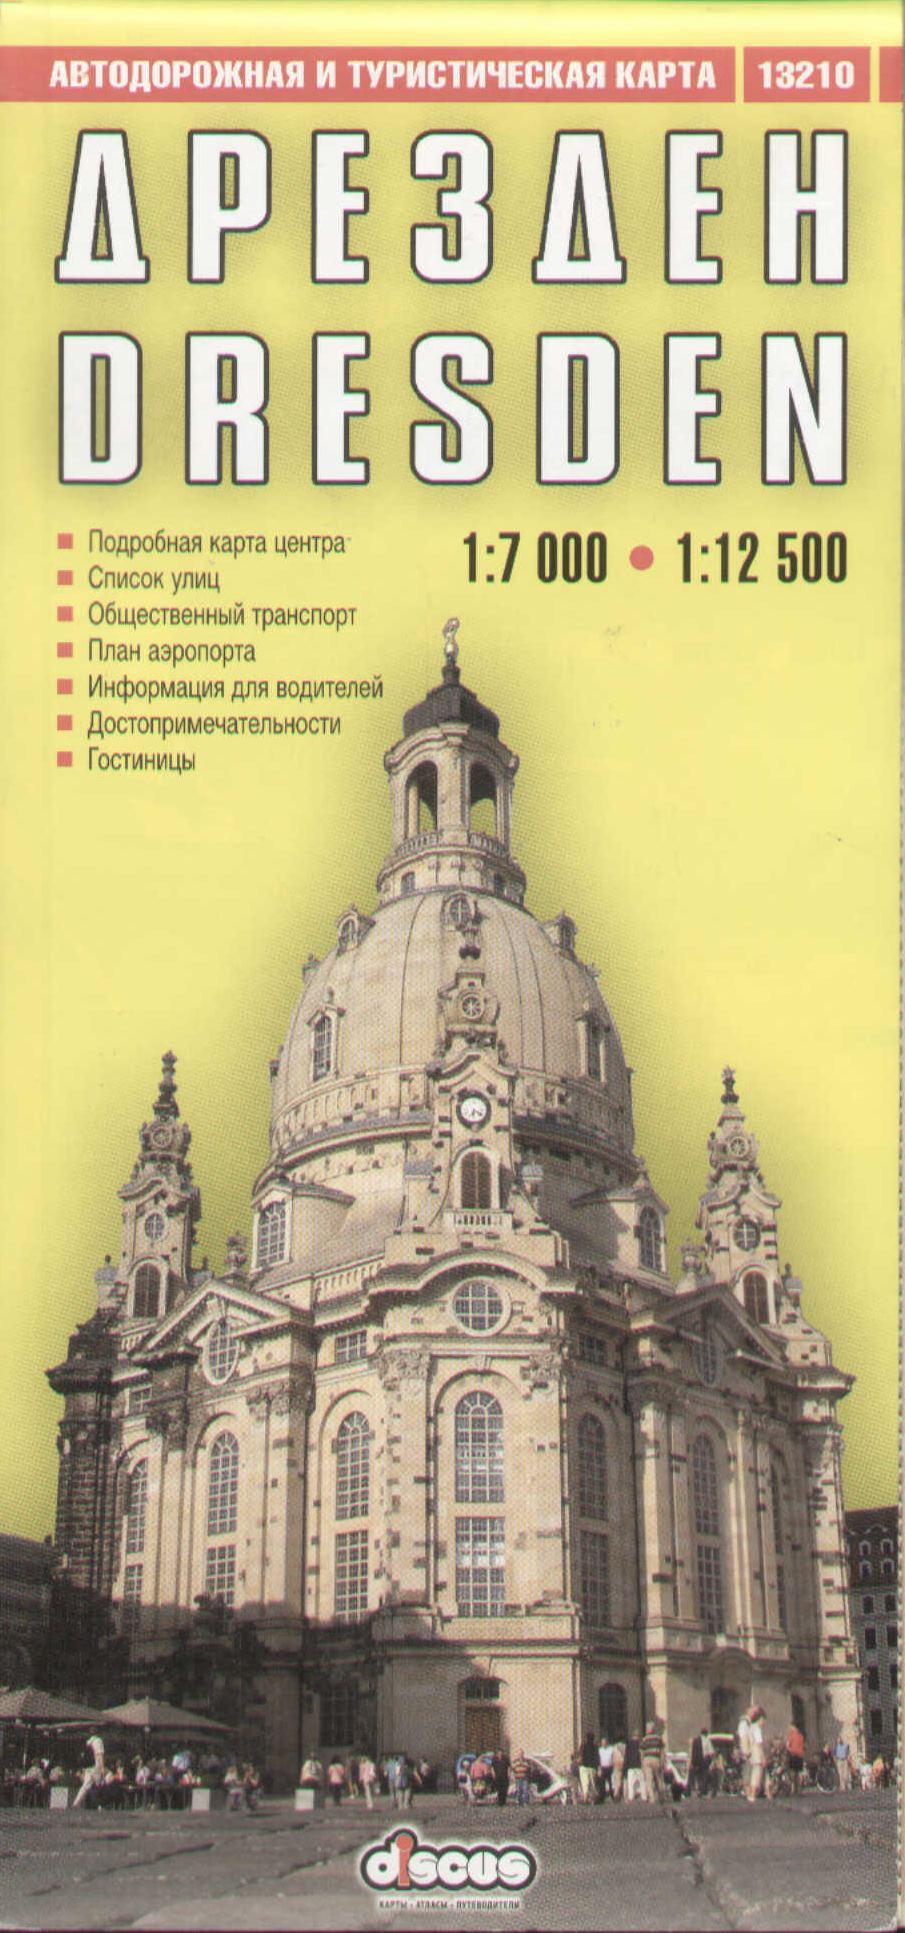 Карта Дрезден